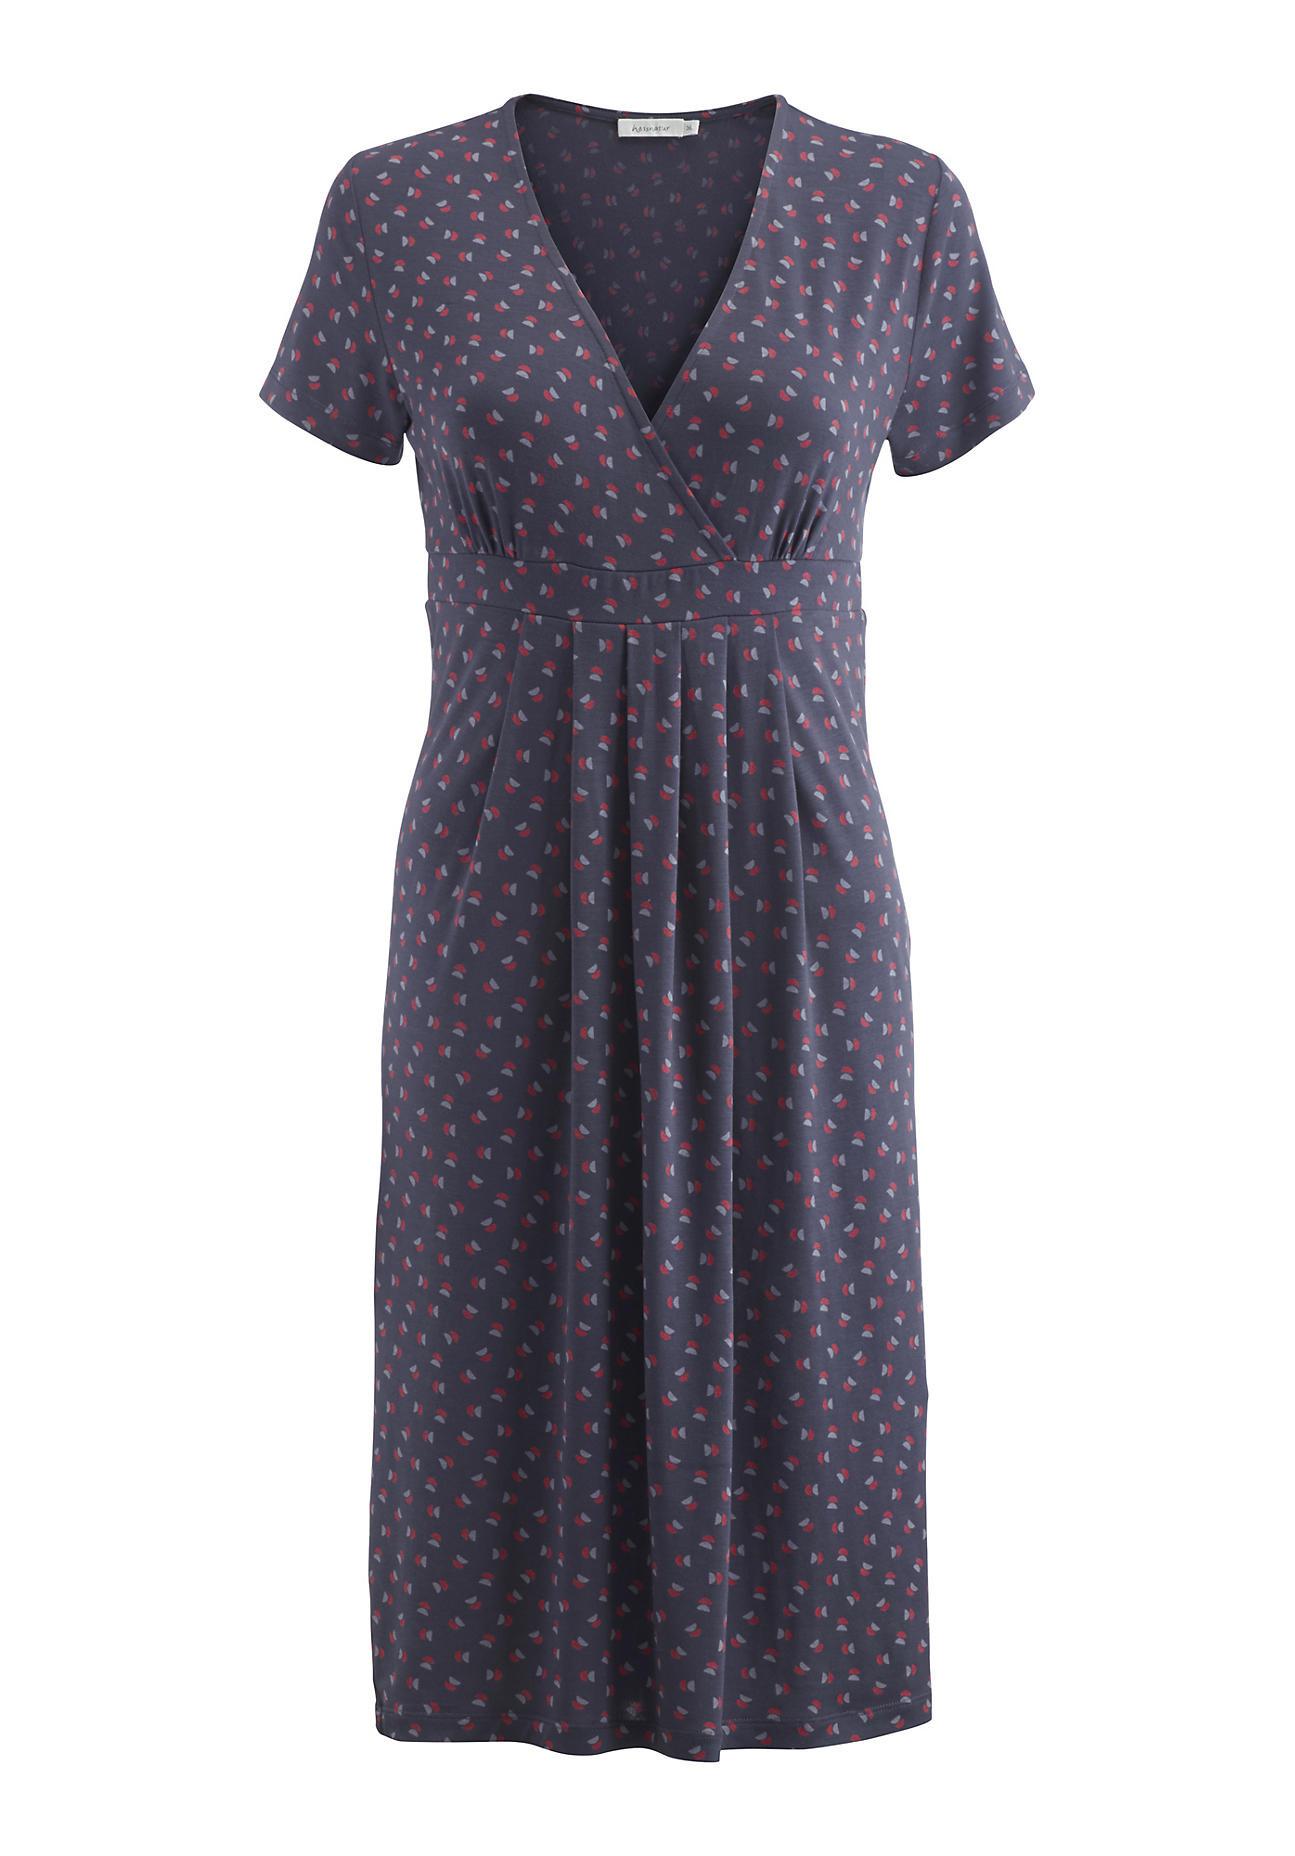 Designer Coolste Kleid 46 Galerie17 Spektakulär Kleid 46 Stylish